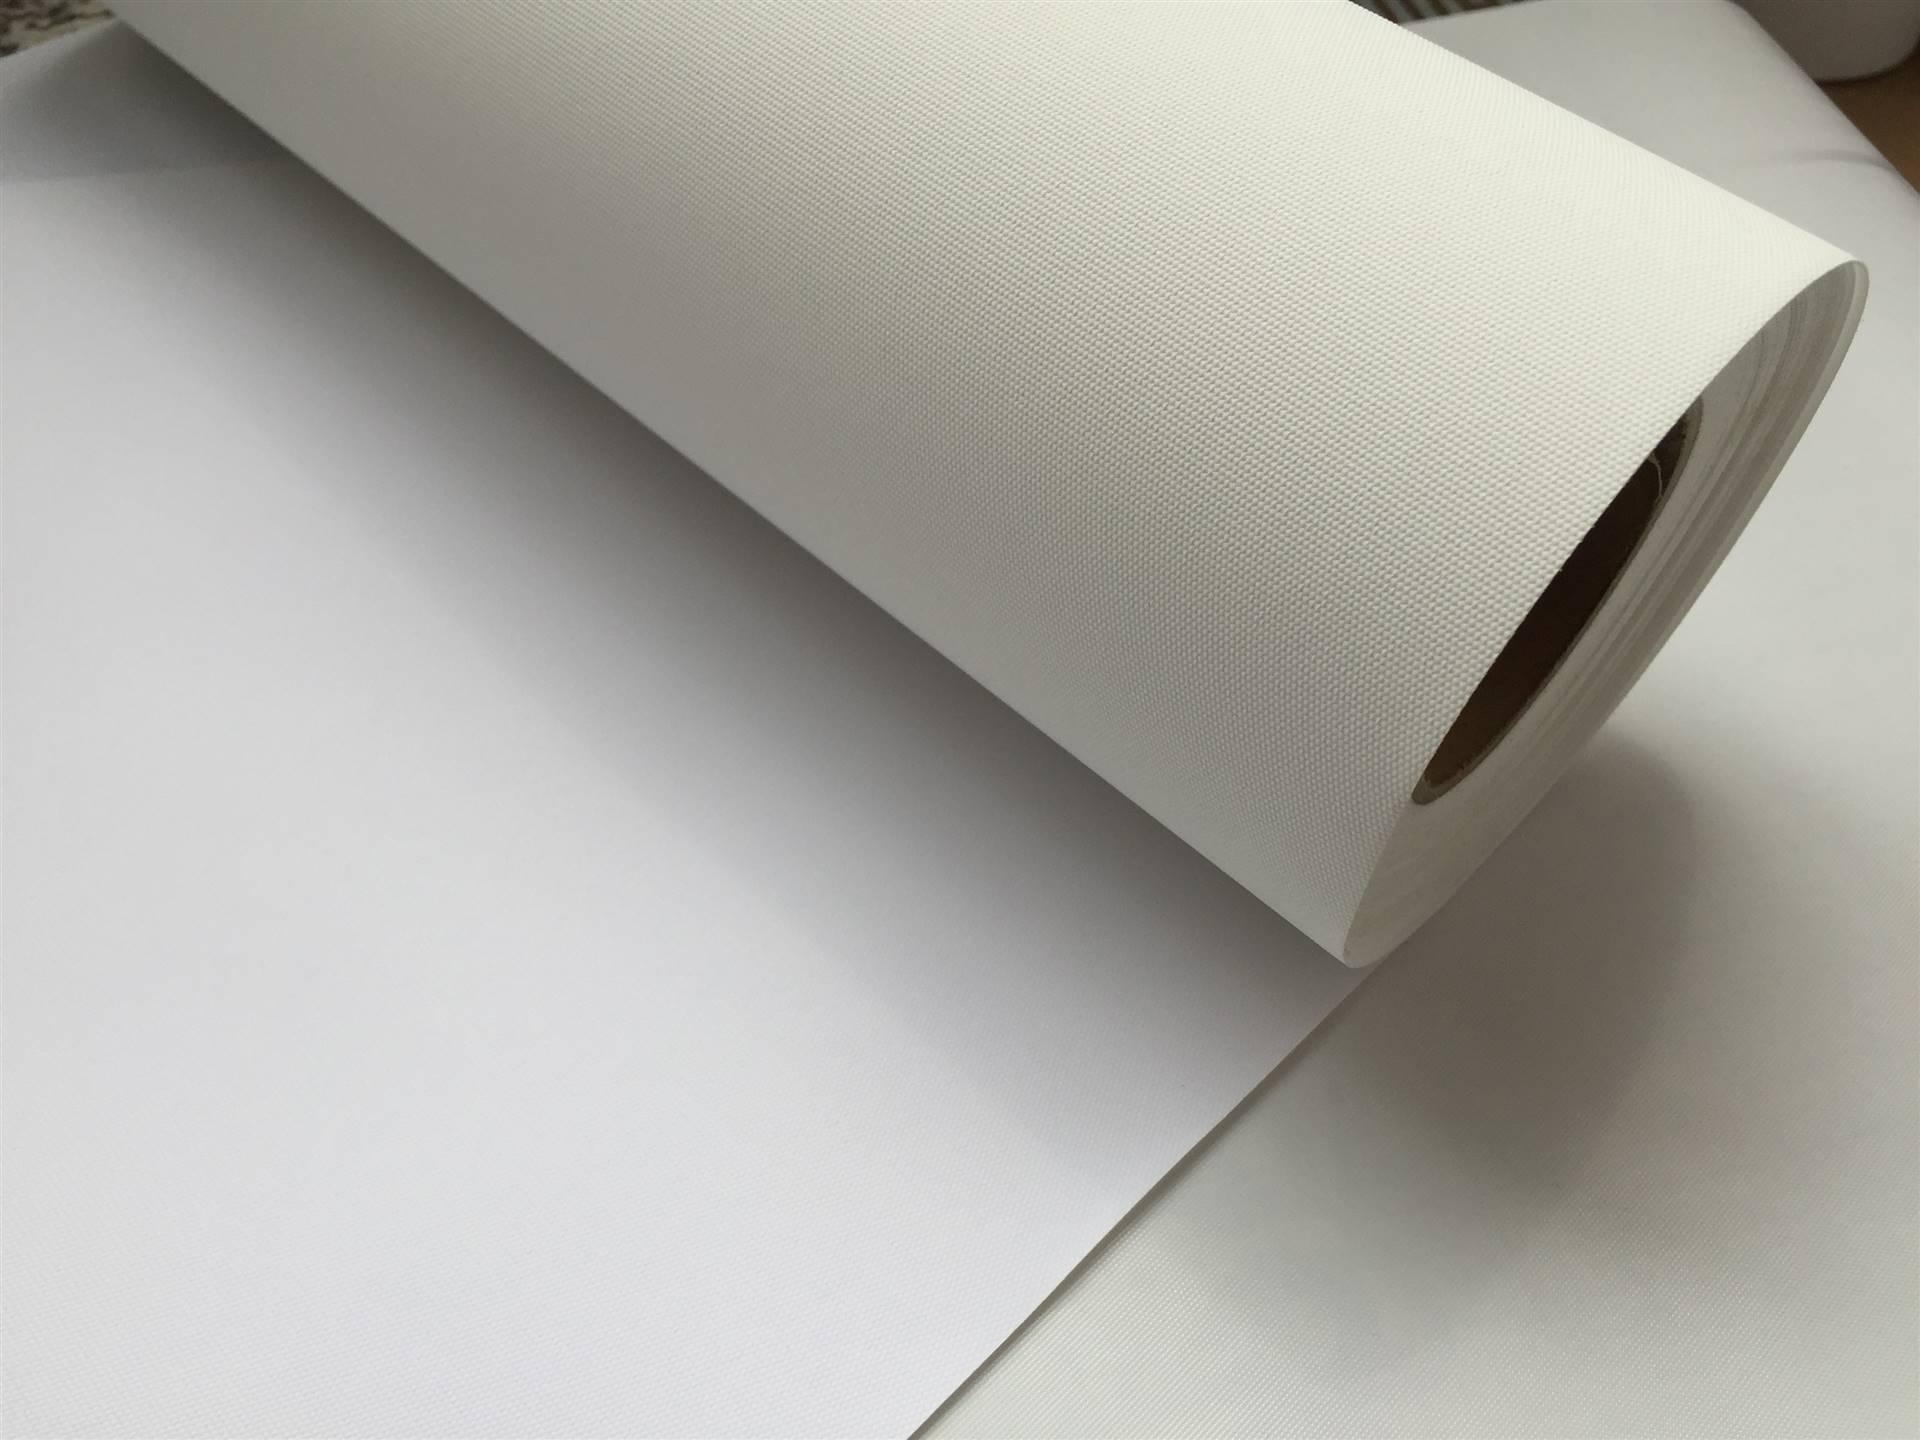 3.2*50米闪银油画布,闪银墙布,超宽墙布,弱溶剂闪光油画布 超